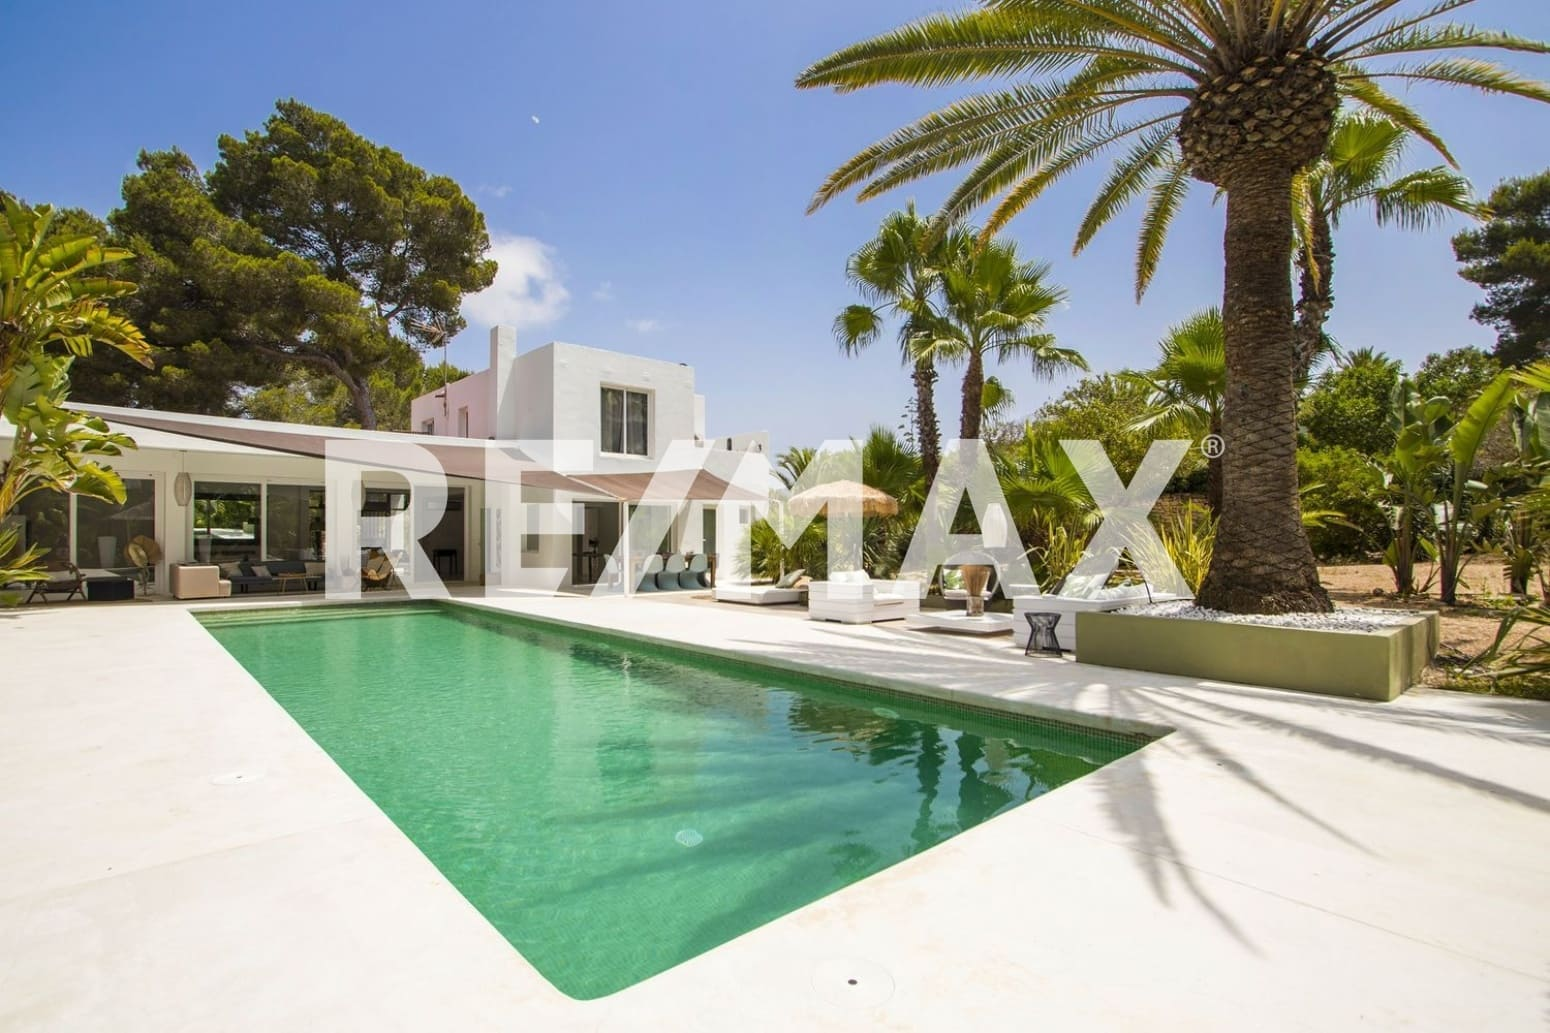 5 soverom Rekkehus til salgs i Santa Eulalia / Santa Eularia med svømmebasseng - € 2 500 000 (Ref: 5261661)